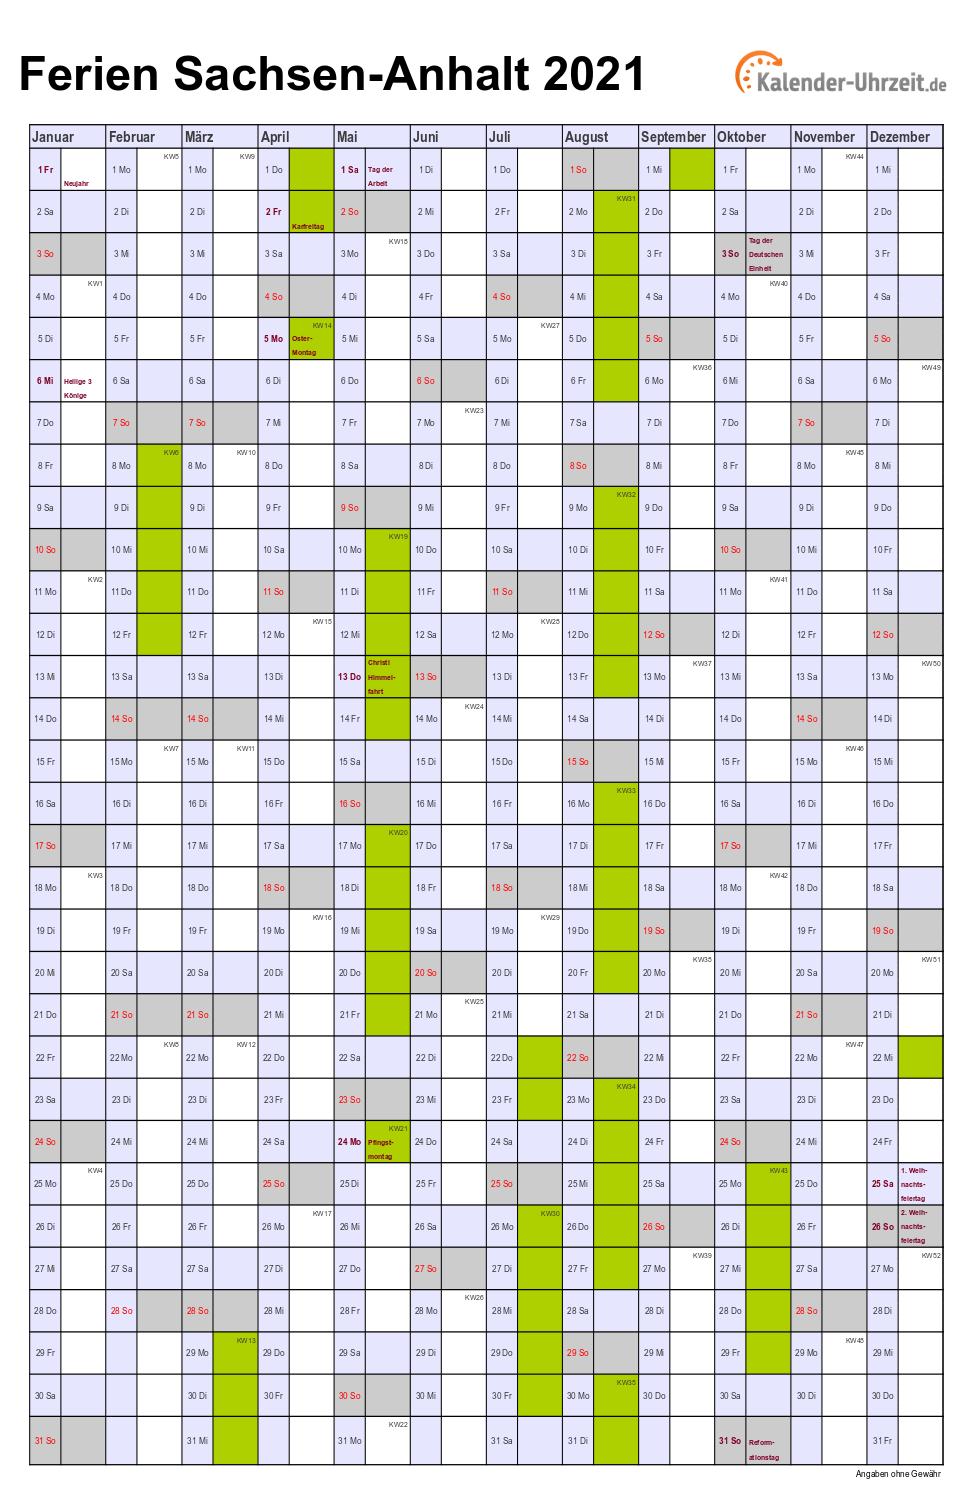 Ferien Sachsen-Anhalt 2021 - Ferienkalender zum Ausdrucken